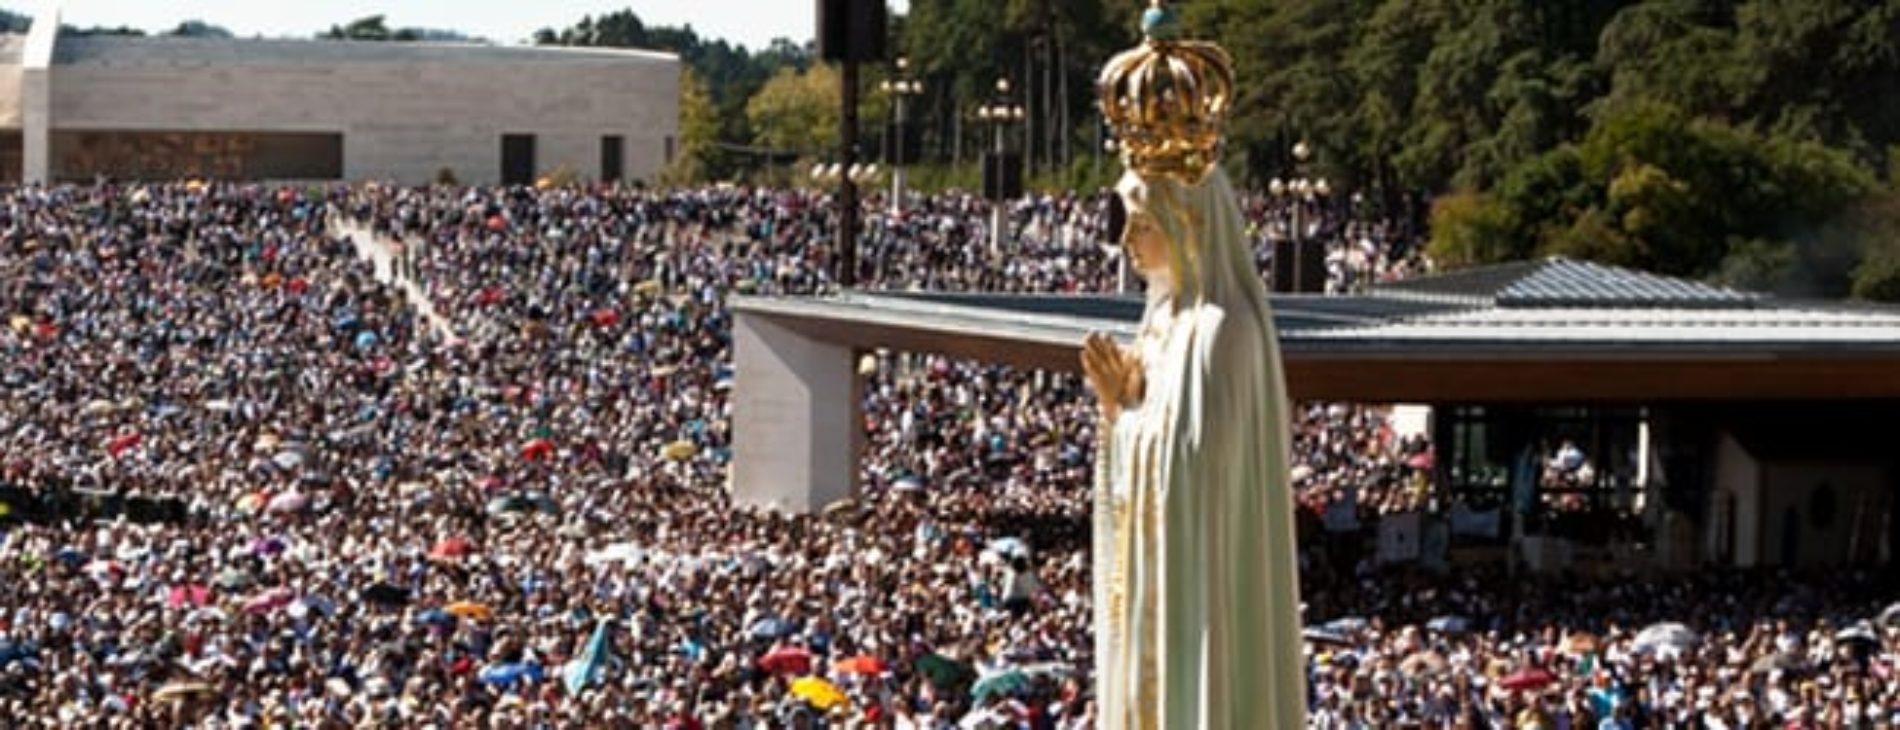 Termina hoje a peregrinação internacional ao Santuário de Fátima